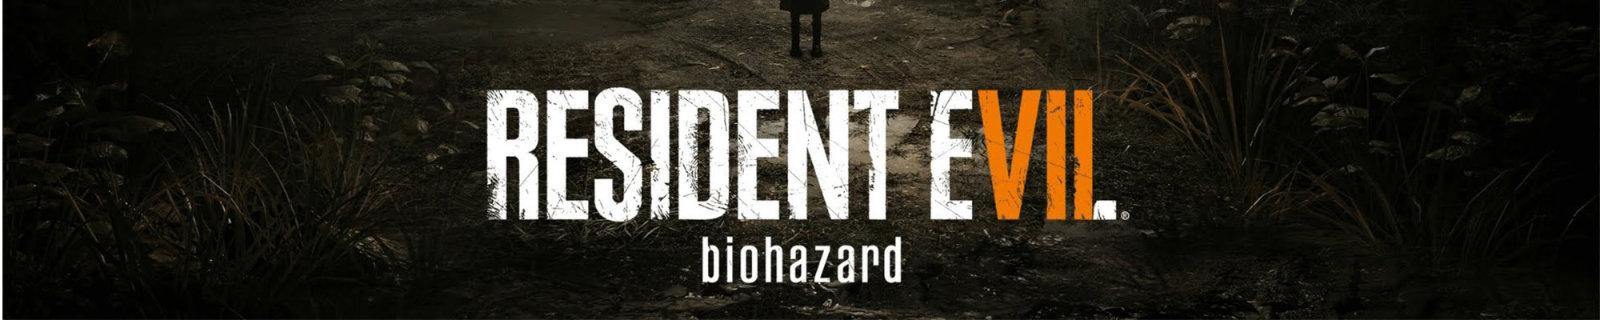 新的《生化危机7》播片带来了新的精神恐怖气质